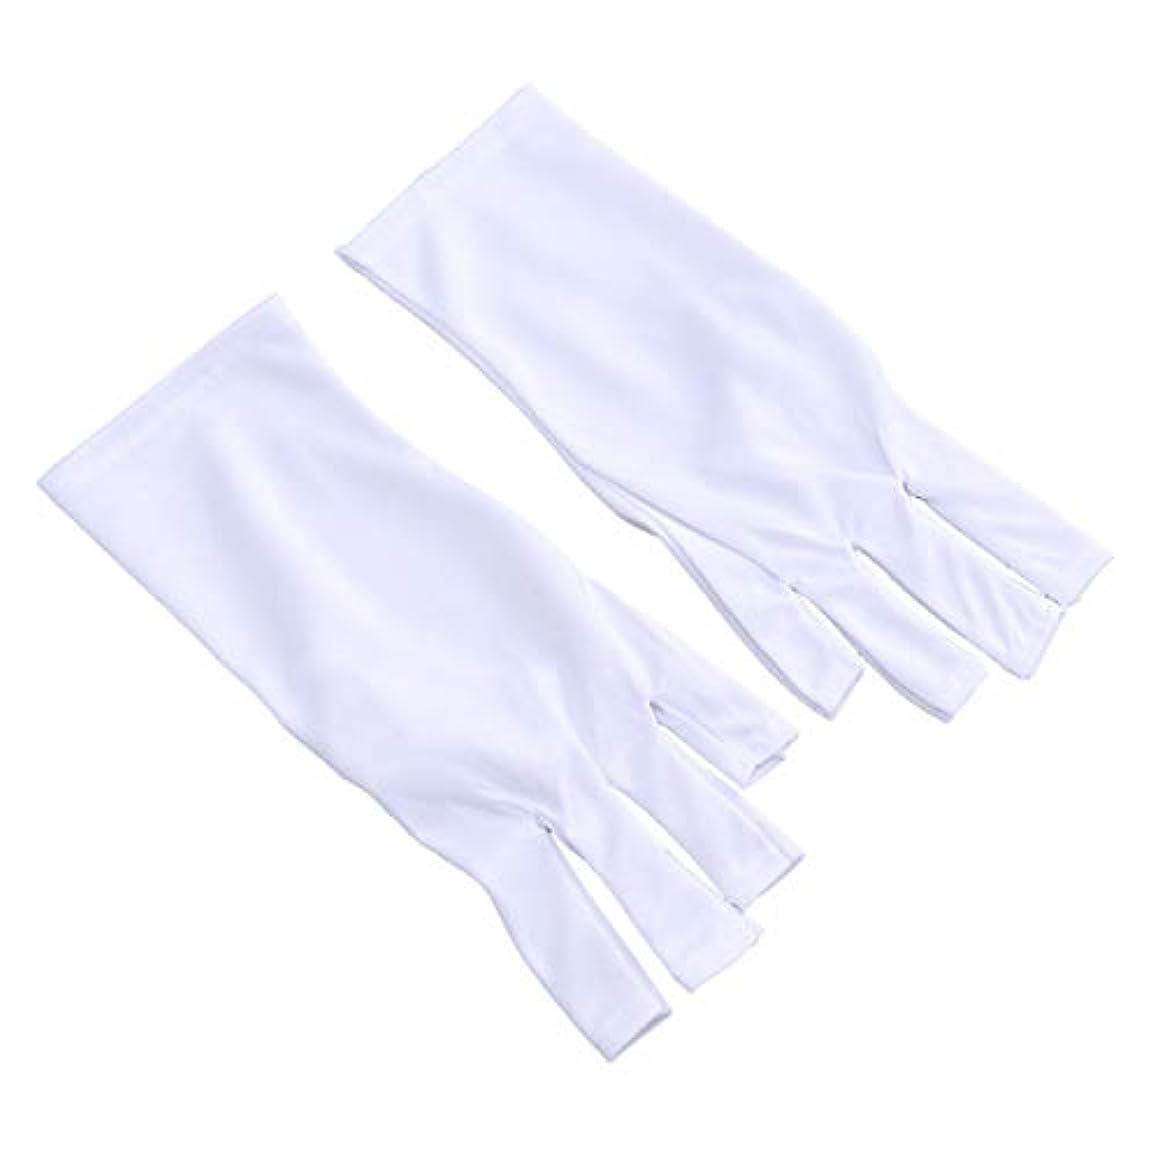 パワーセルまた設計図Healify 抗uv手袋 手袋 ネイルアー 放射線防護 マニキュアドライヤーツール 1ペア (25 CMショートホワイトUVグローブ)